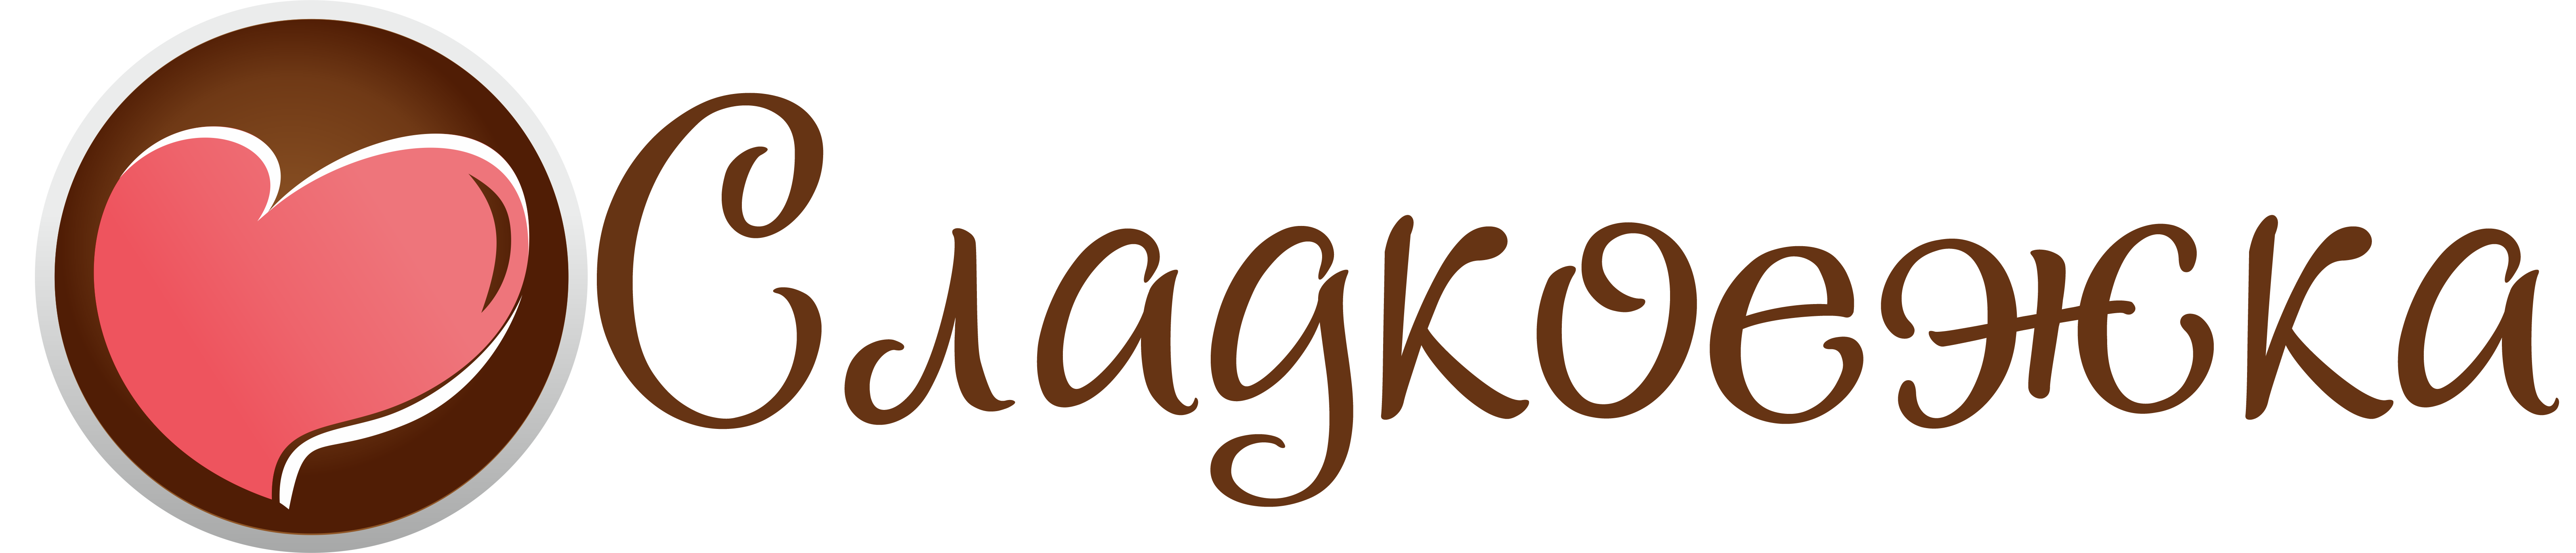 Sladkoeshka